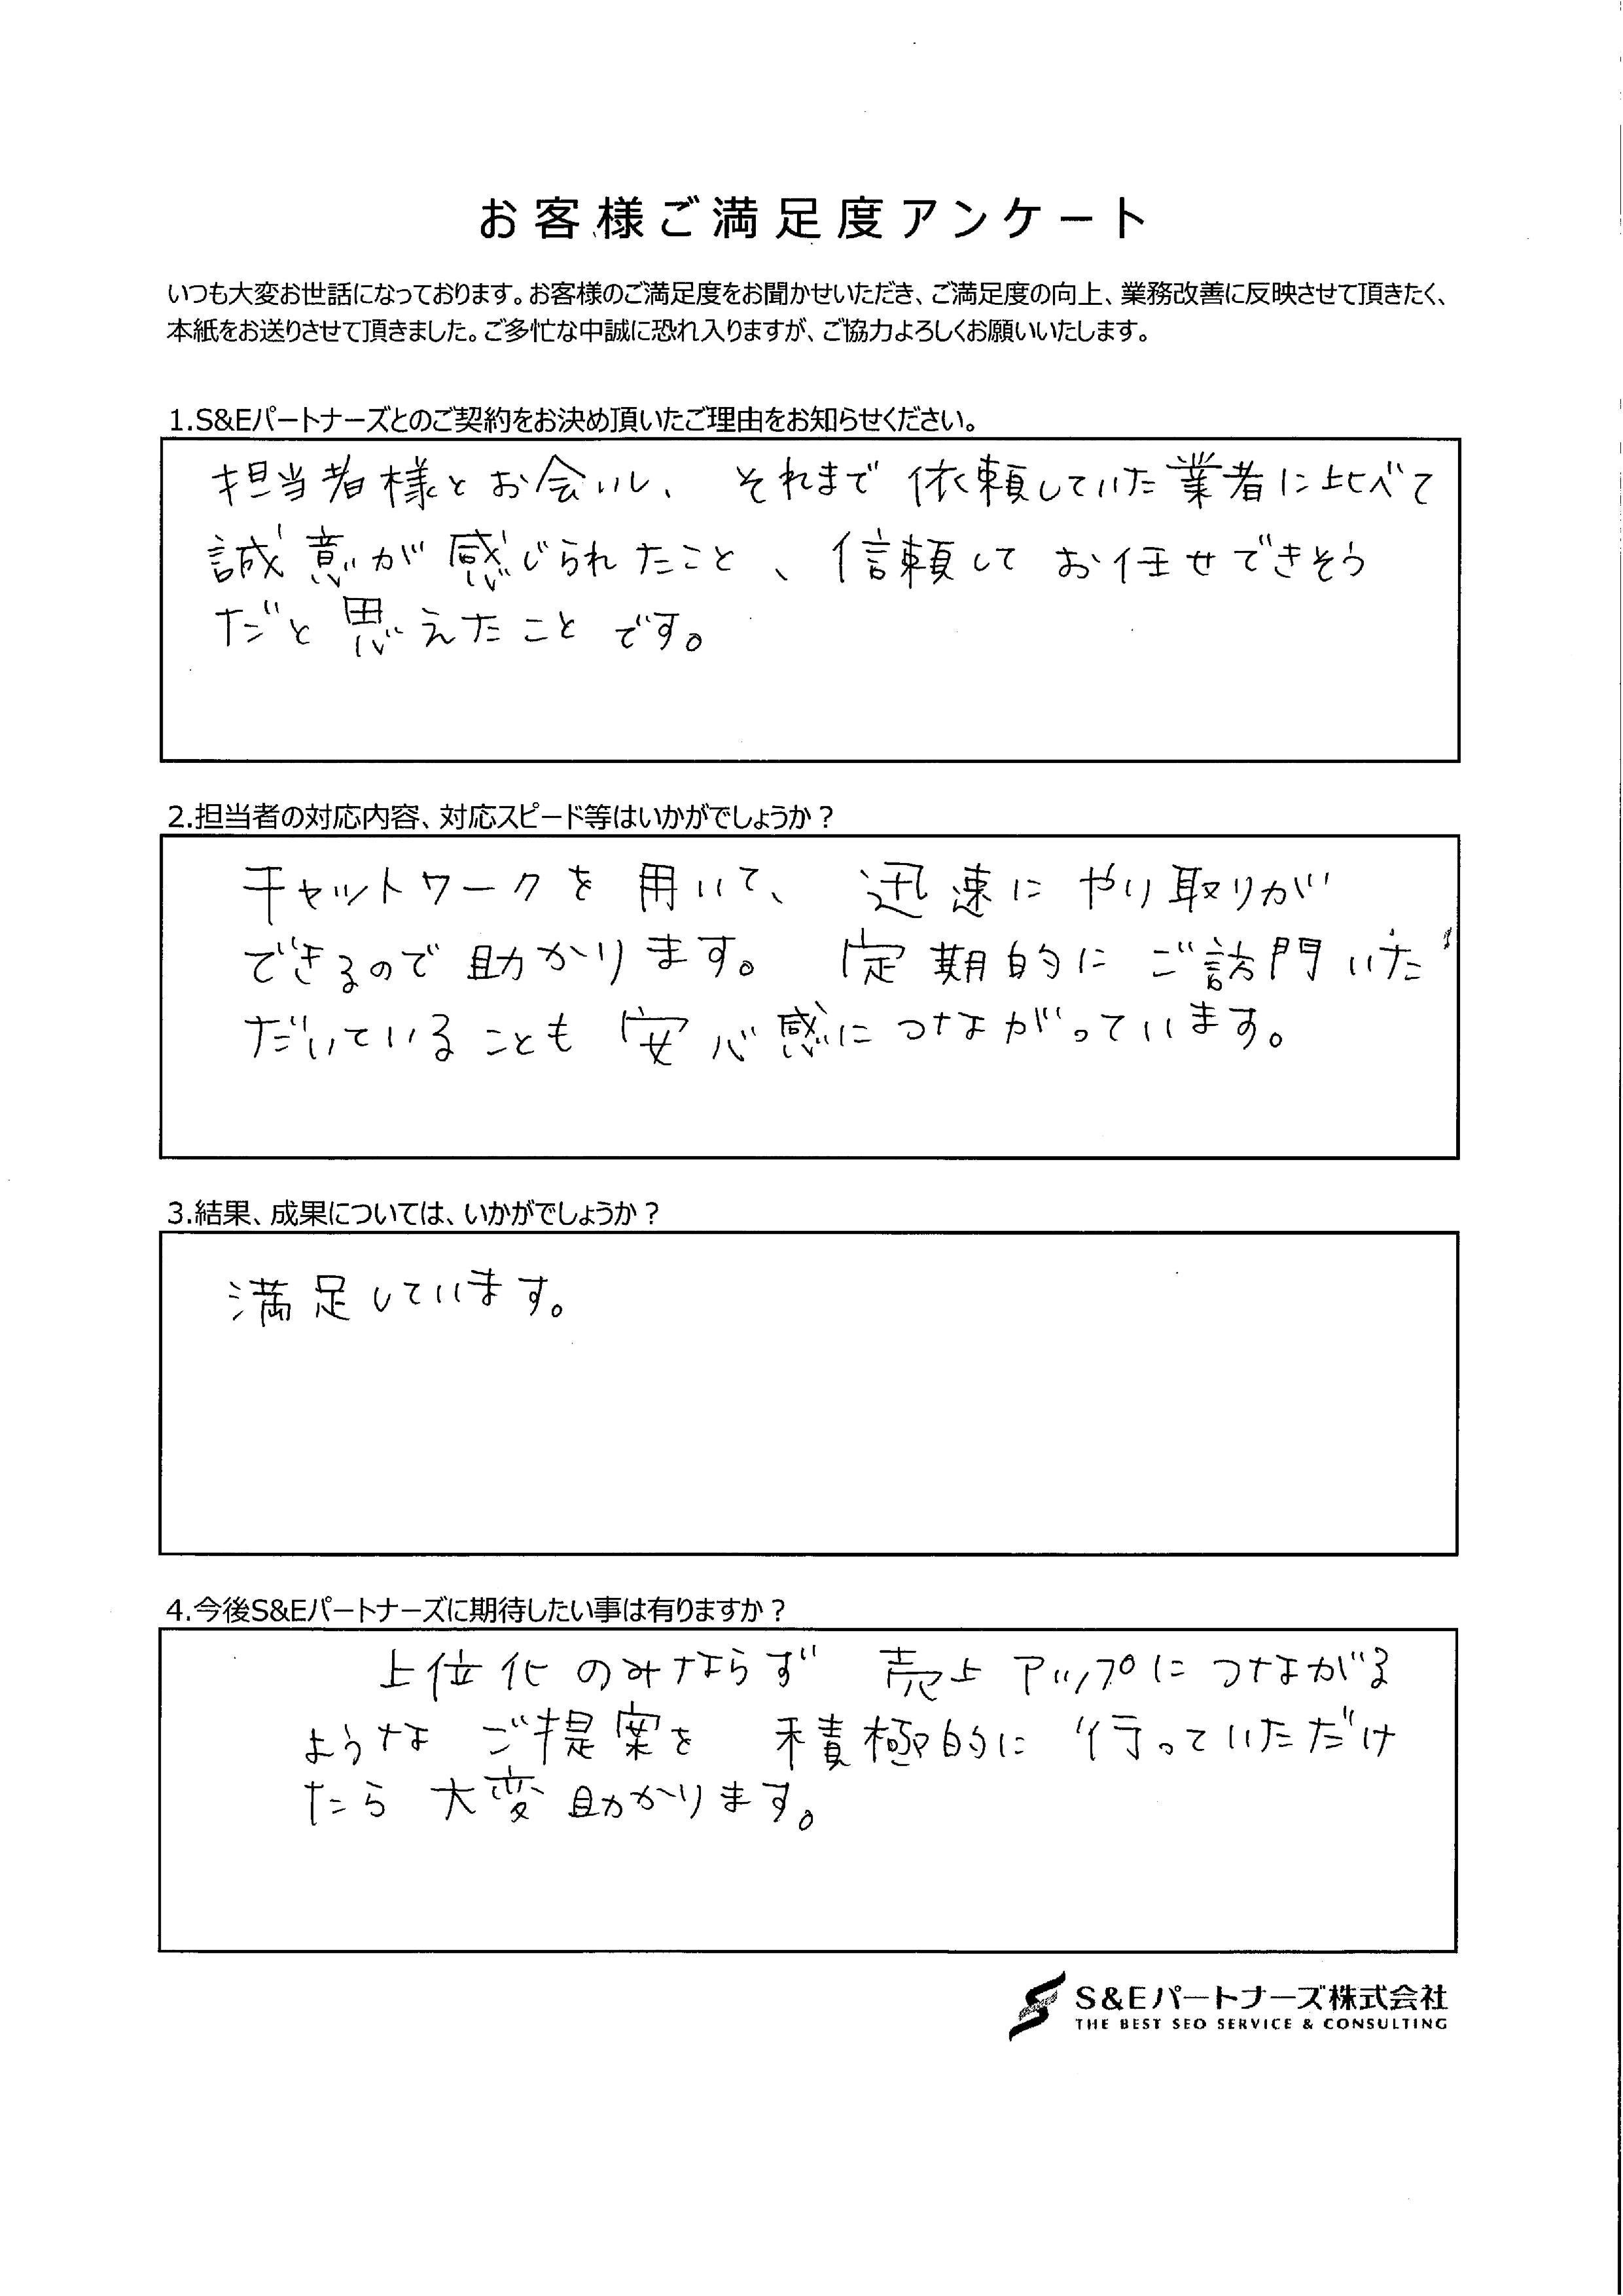 大阪・梅田の弁護士事務所様